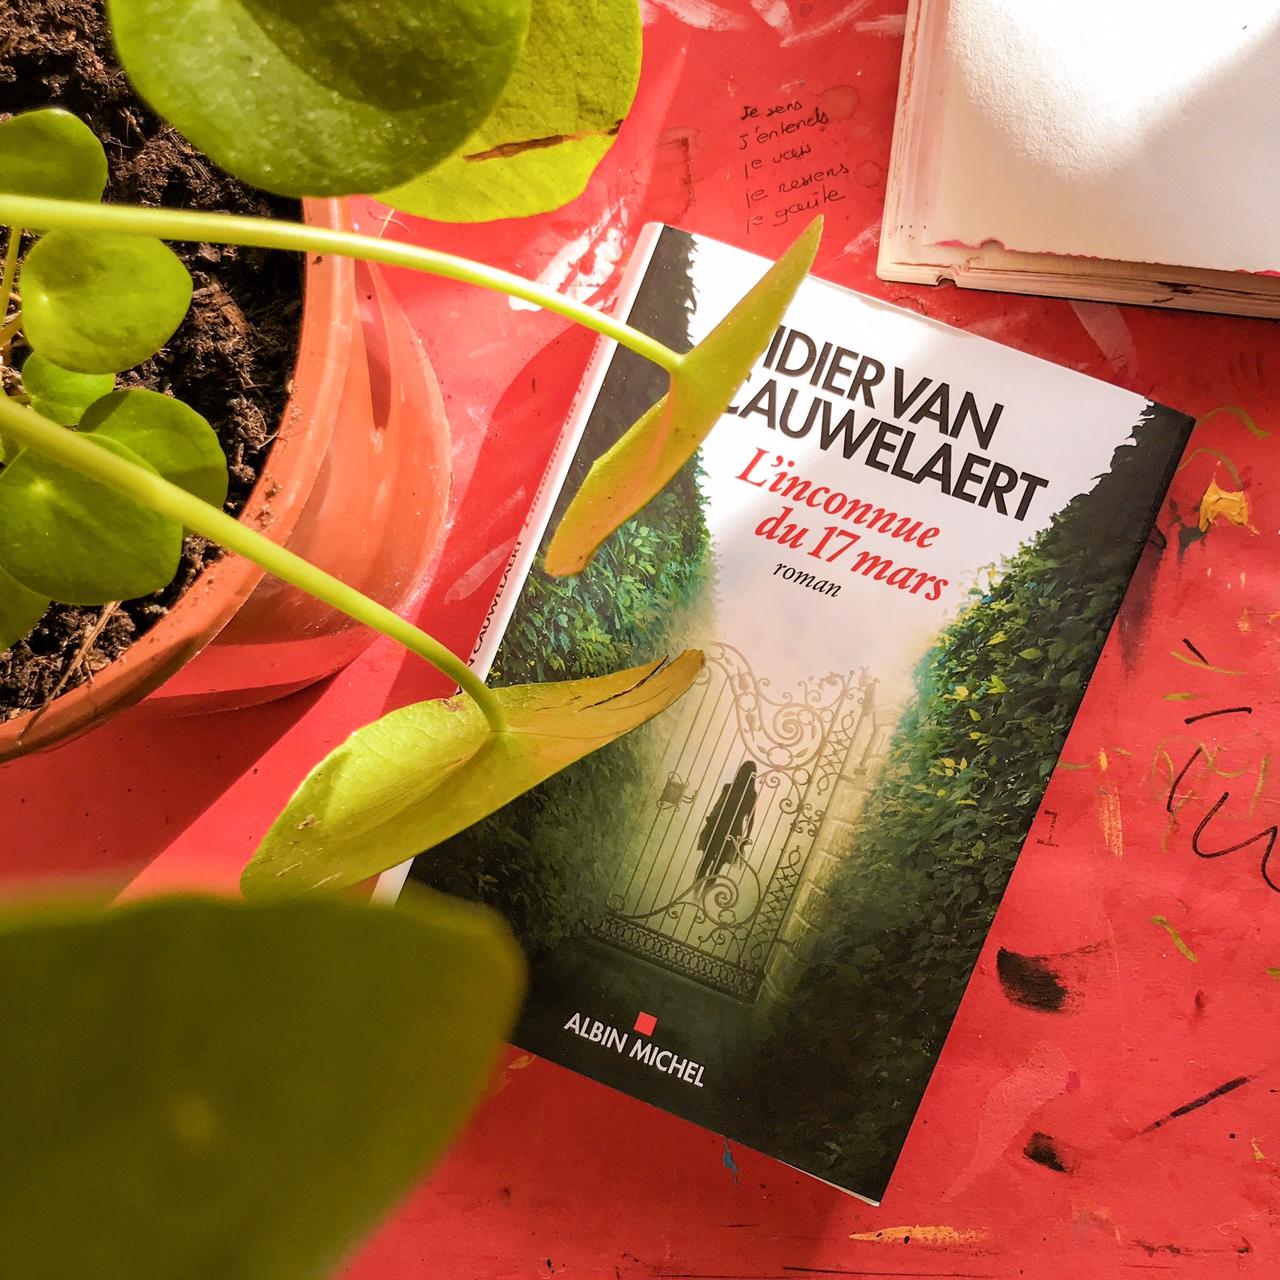 L'Inconnue du 17 mars, de Didier van Cauwelaert : l'amour sauvera l'humanité